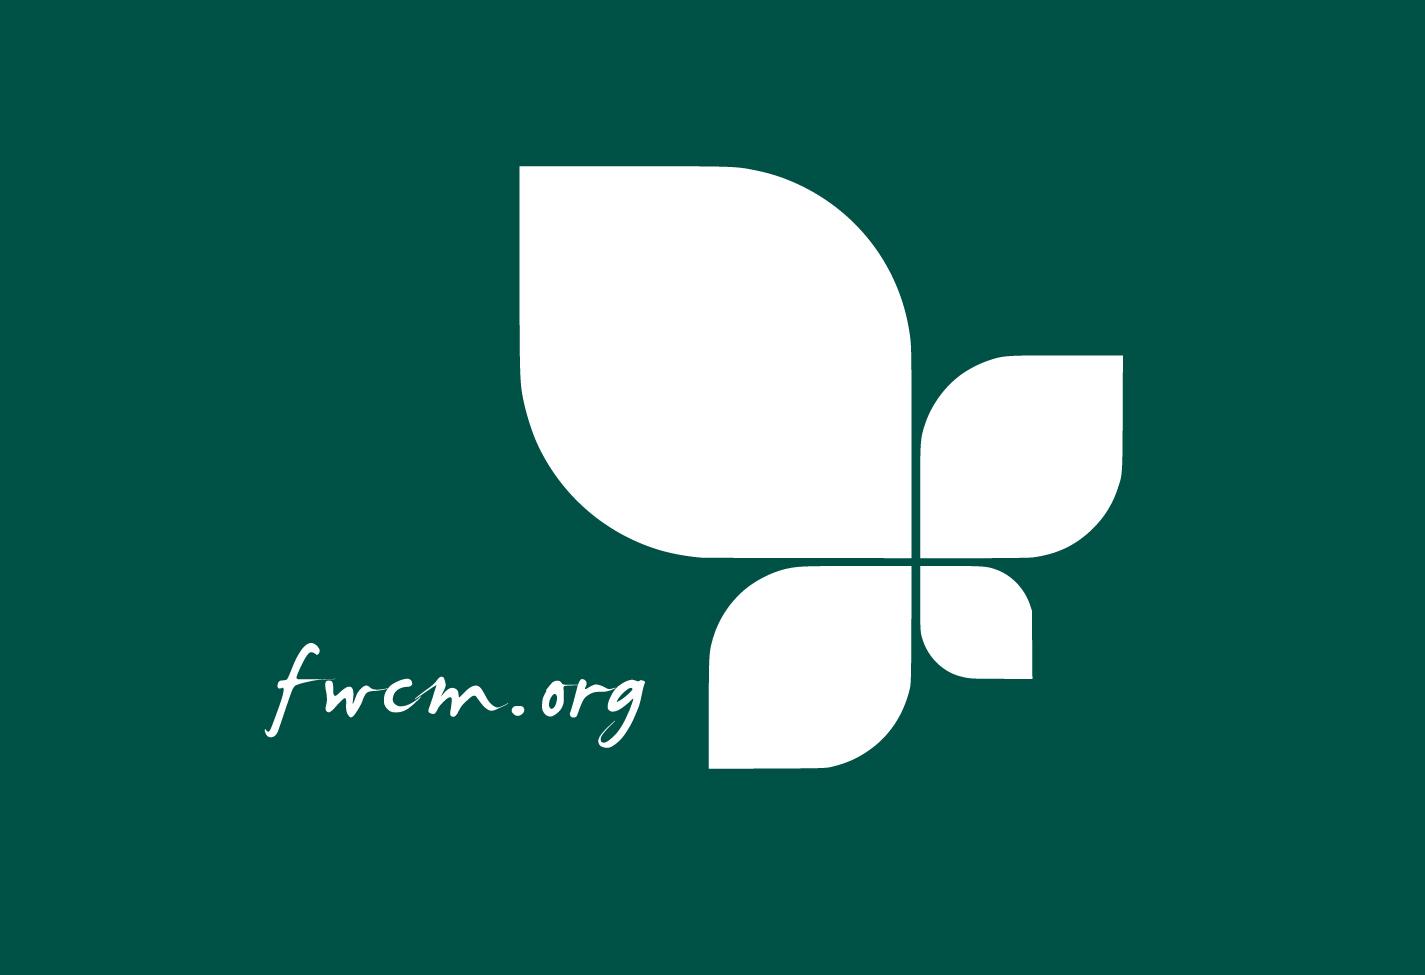 wpid-sticker-09-10-2009-07-24-13-22.jpg